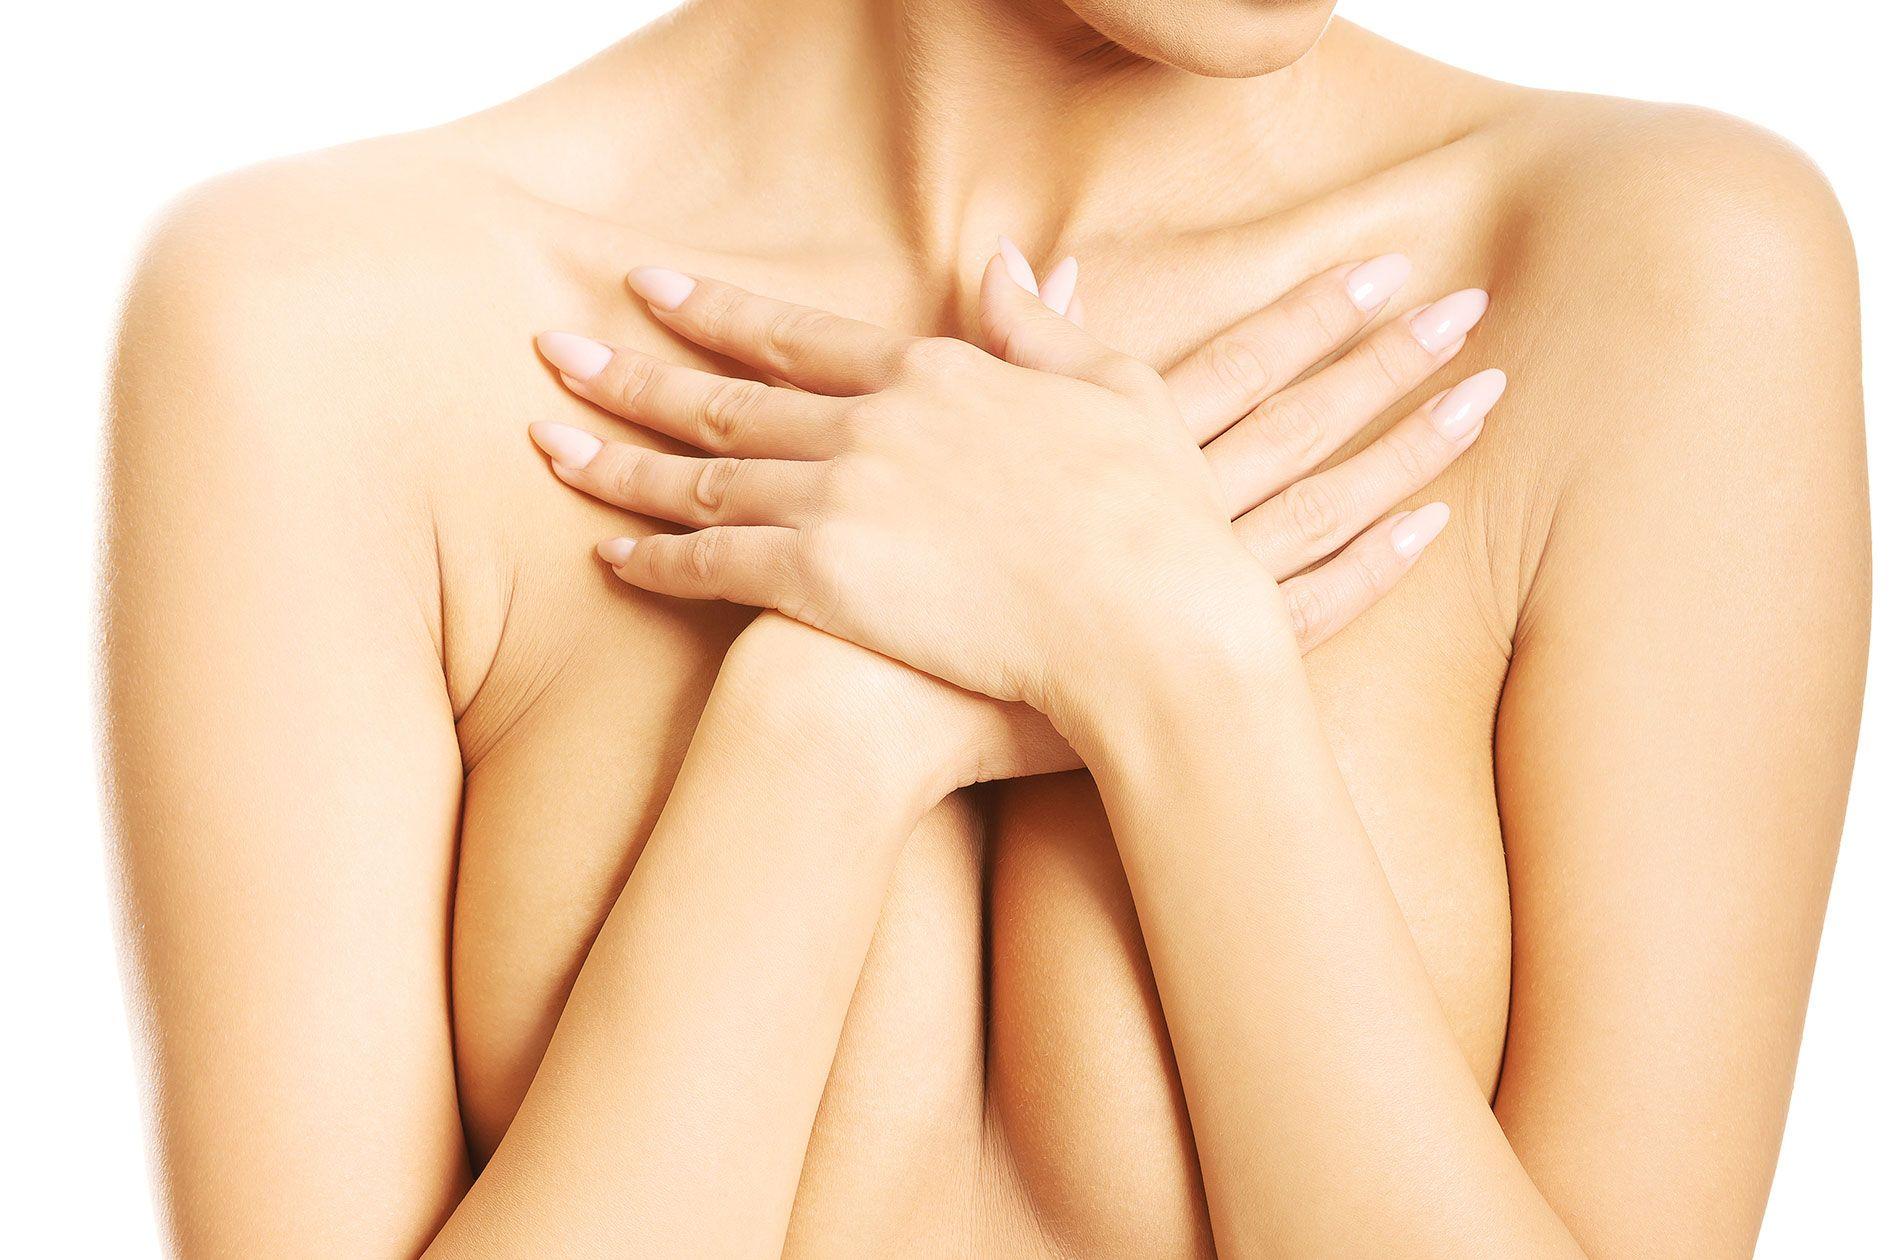 8 Datos que quizás no sabías sobre la reducción mamaria